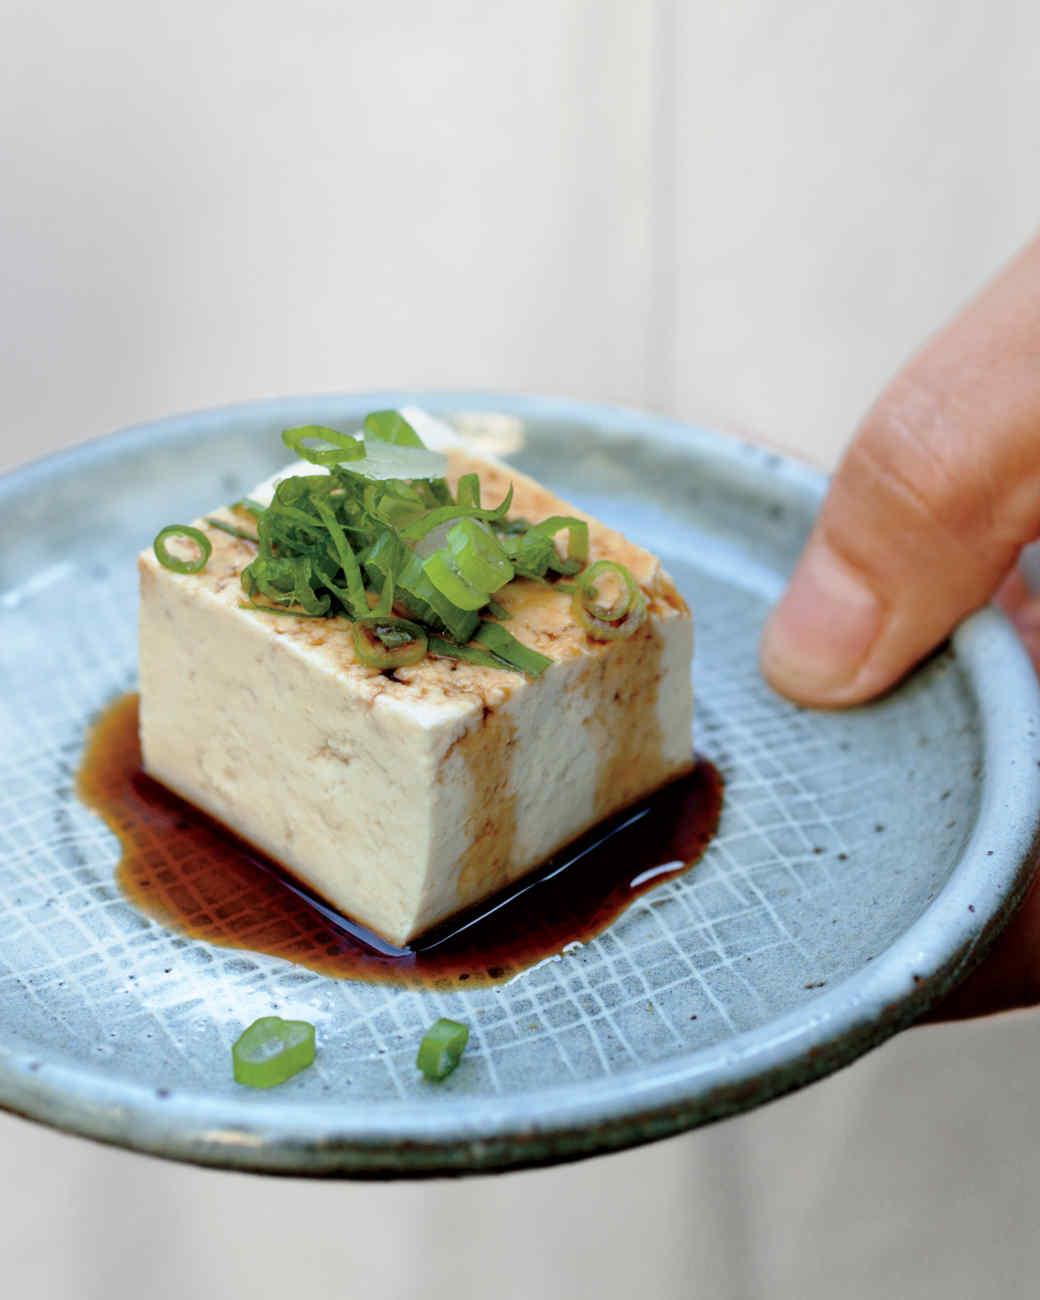 tofu-bite-mld108147.jpg